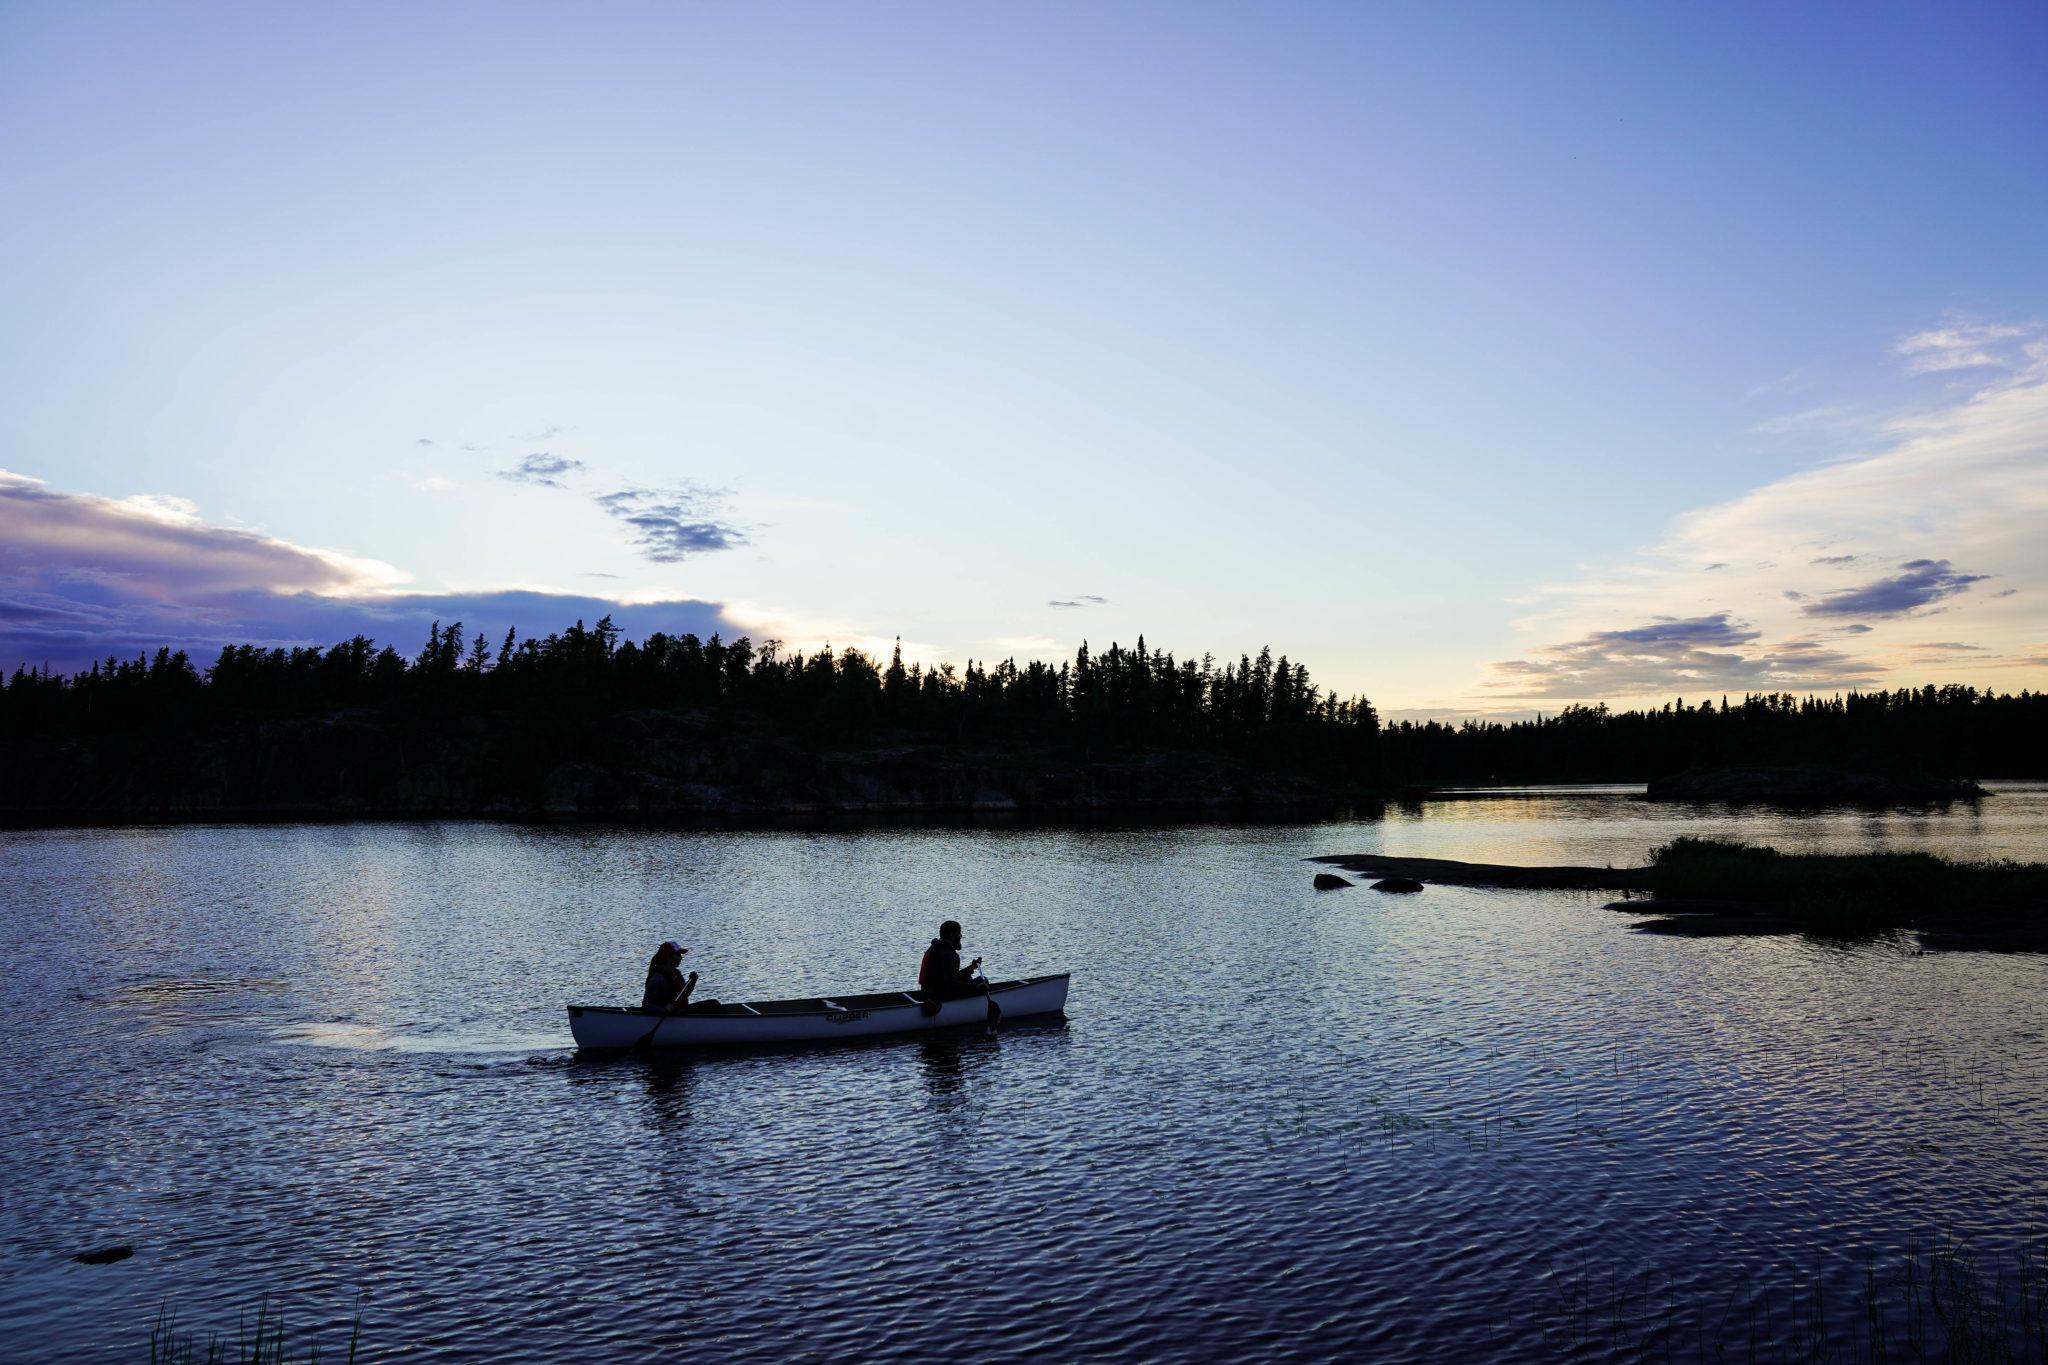 Kanada: Naturerlebnis Manitoba & Winnipeg 55